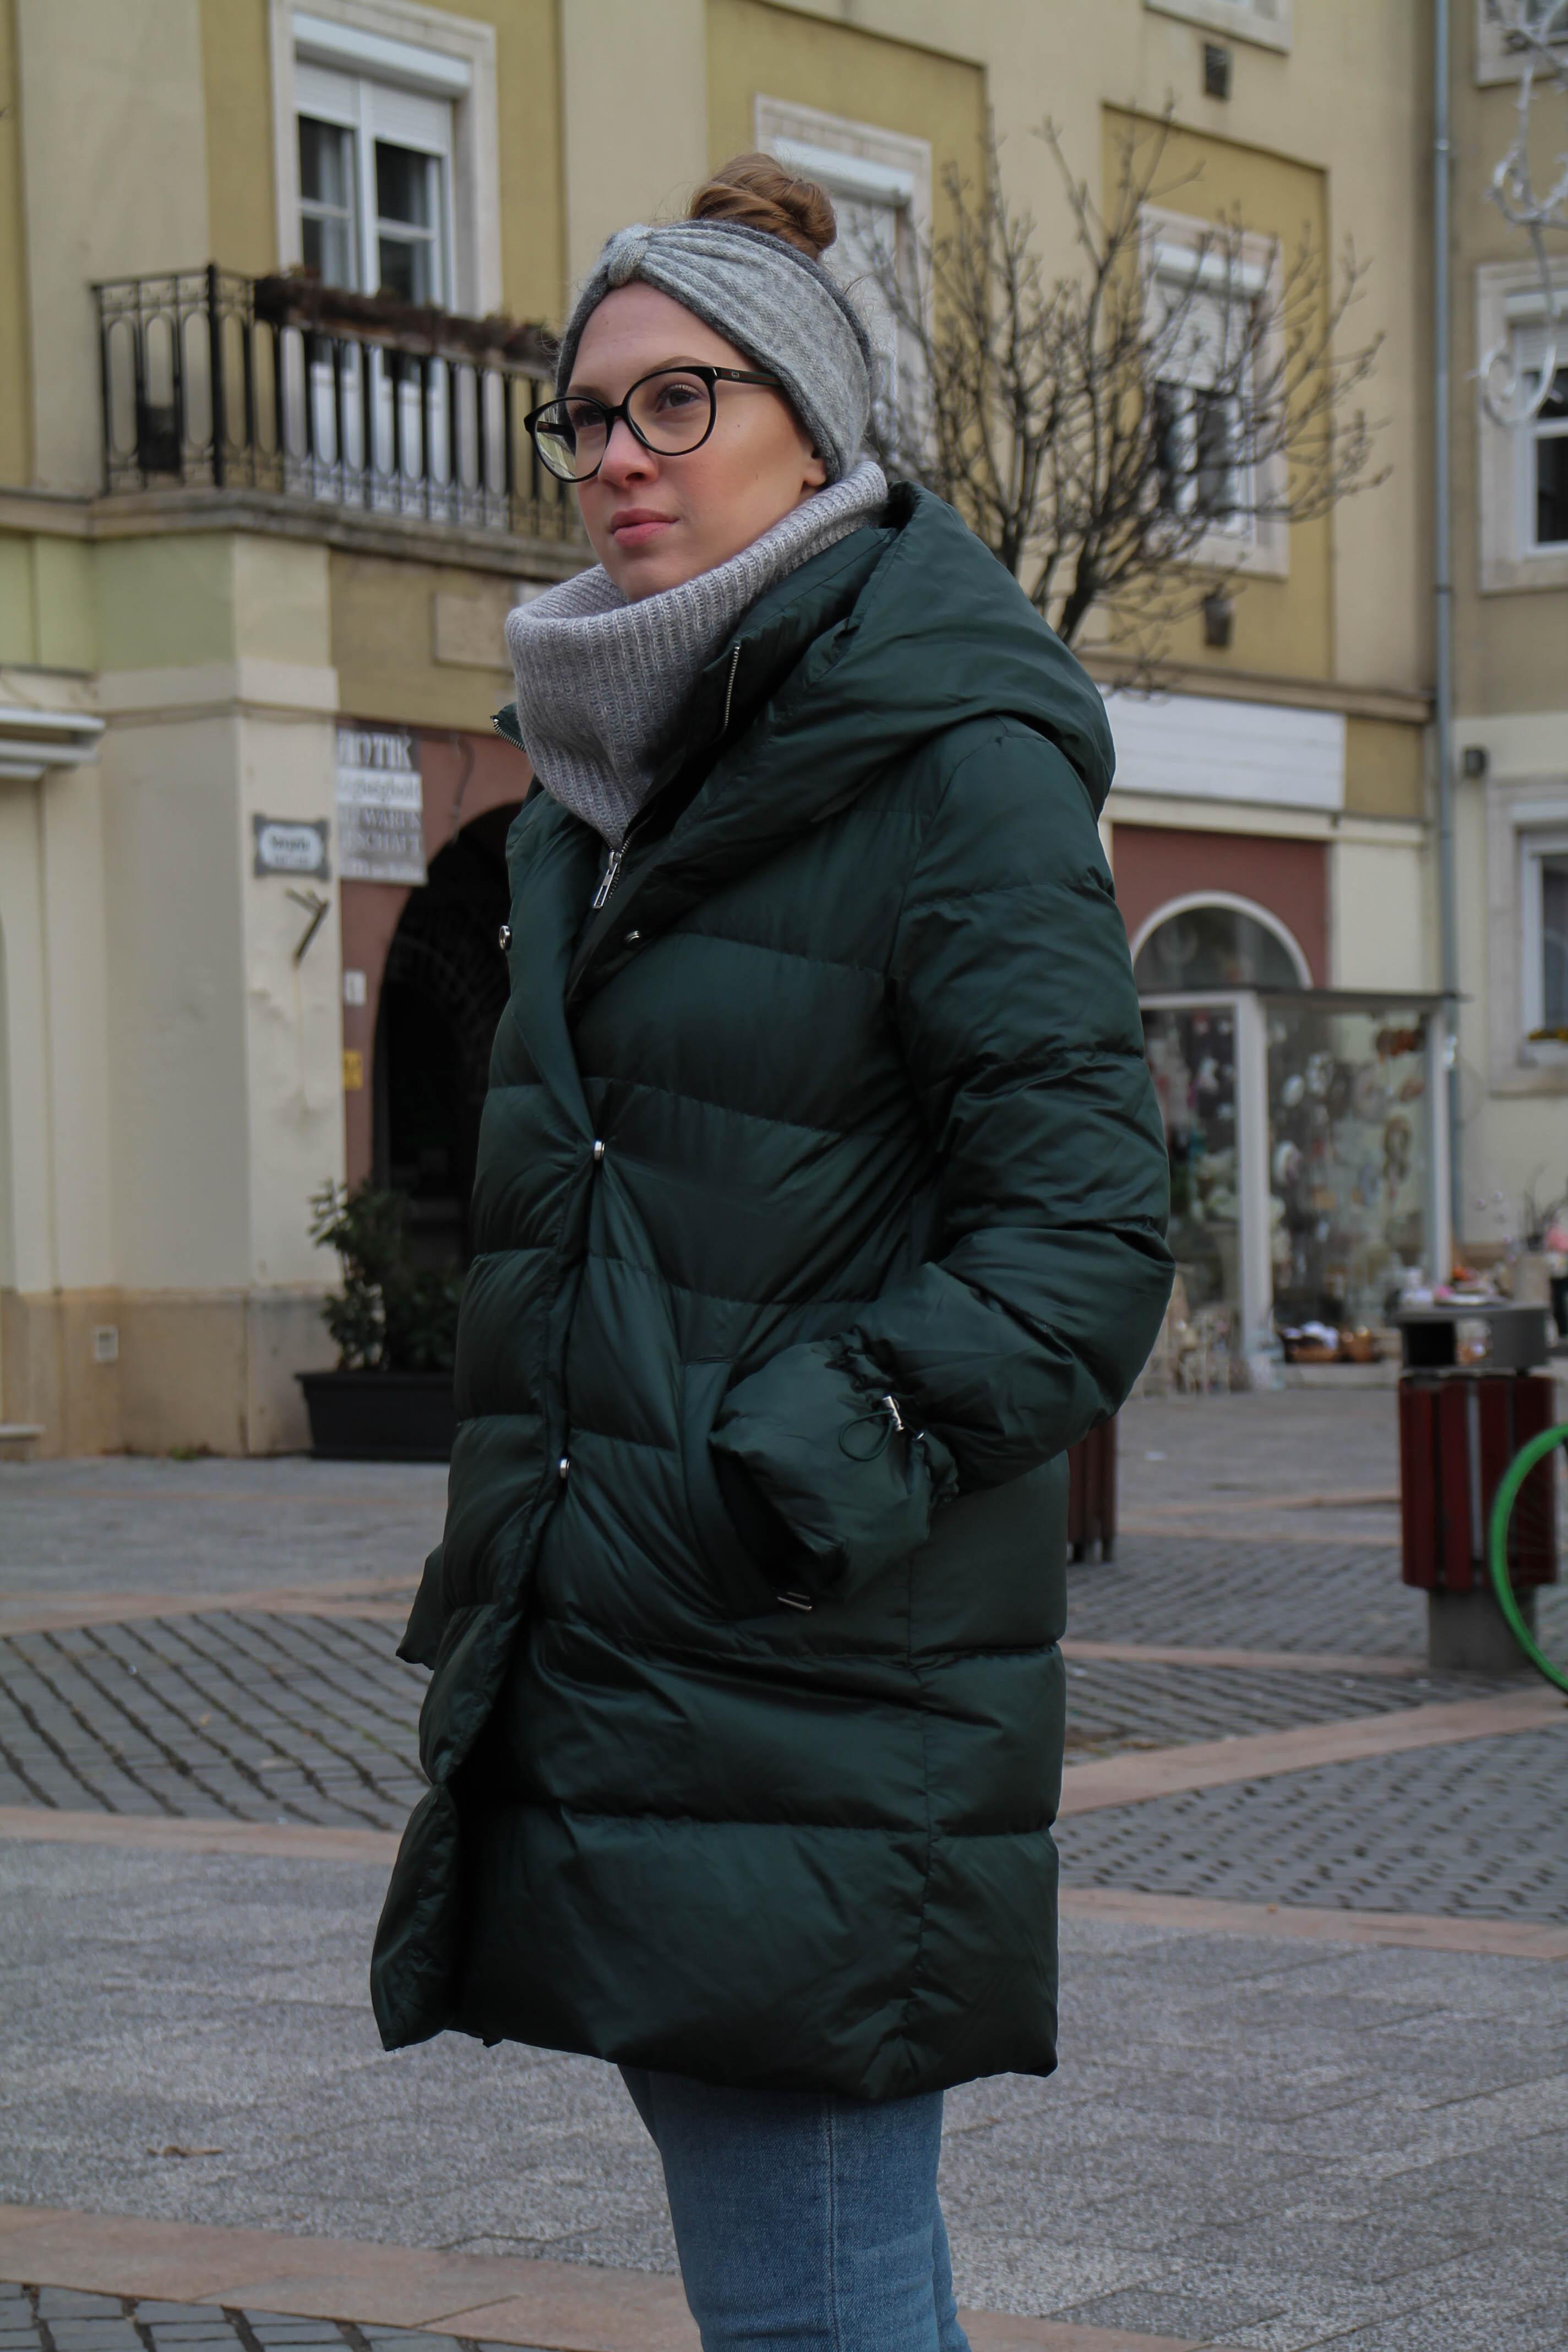 d273218ccd Remélem, Ti is megtaláltátok már azt a bizonyos Igazit – mármint téli kabát  szempontjából. Ha még nem, akkor itt az ideje körülnézni, mielőtt a havazás  és a ...